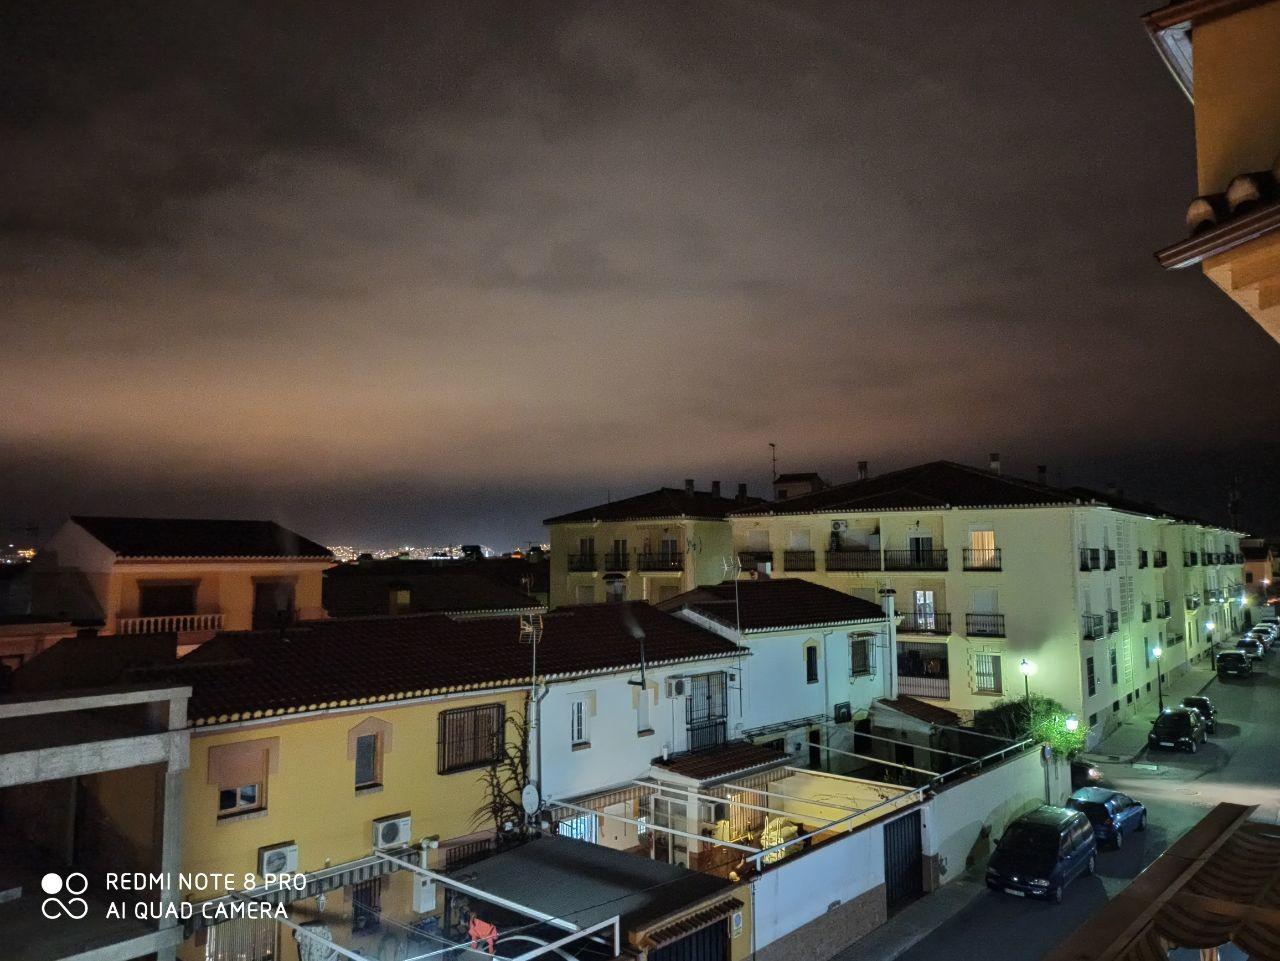 Foto de Galería de fotos tomadas con el Redmi Note 8 Pro (12/27)